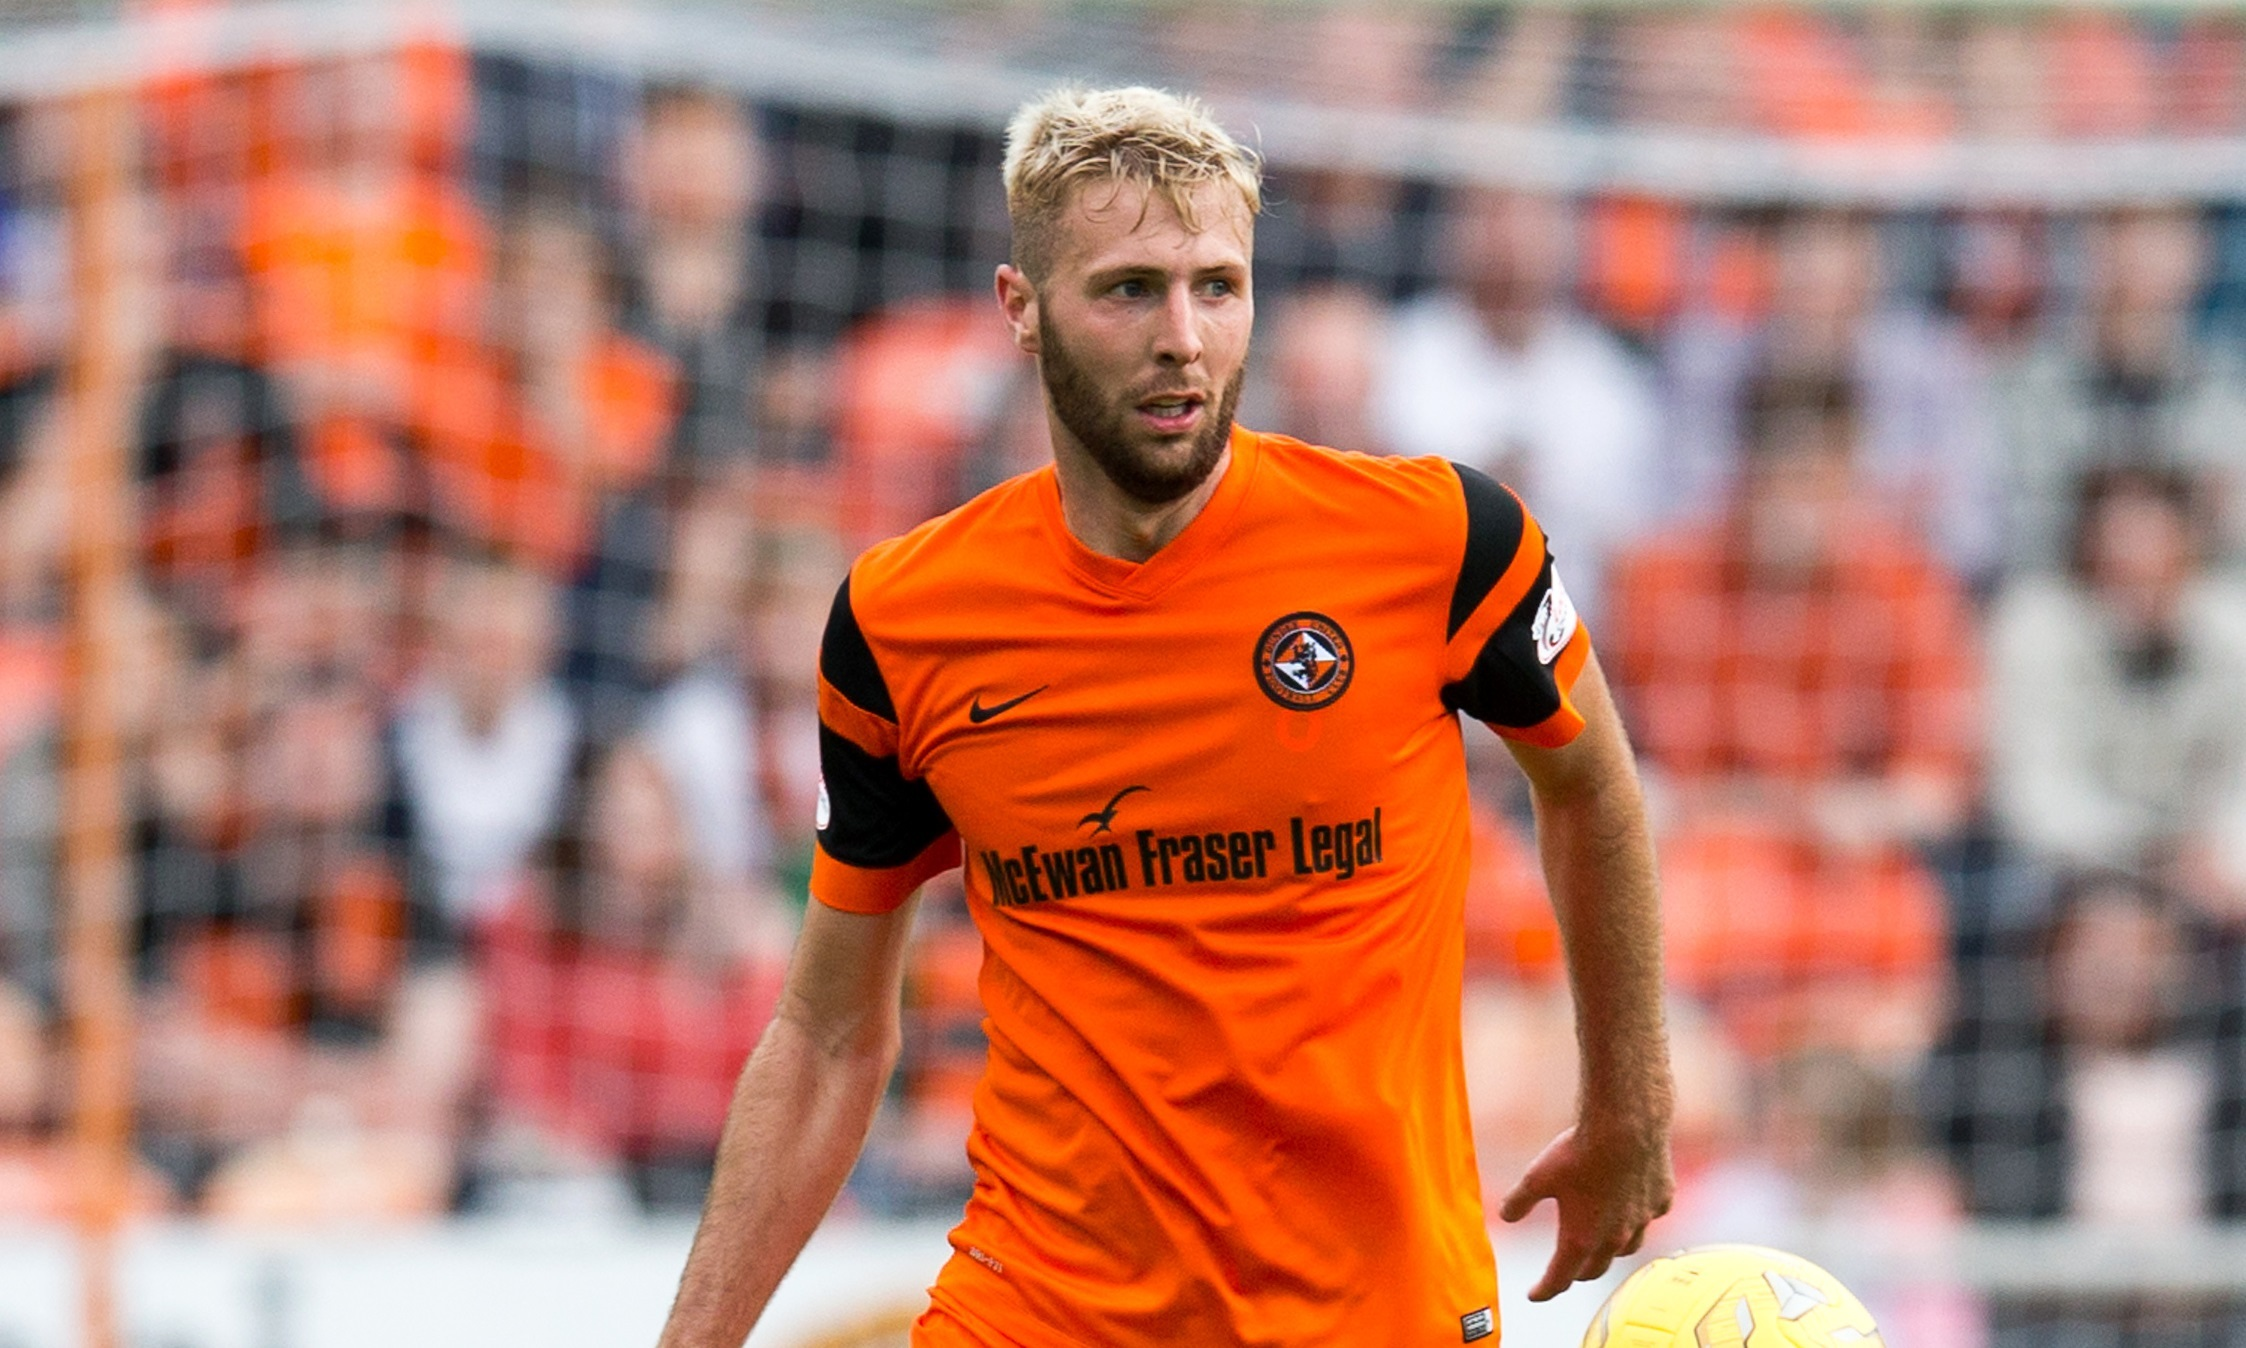 Dundee United defender Lewis Toshney is still injured